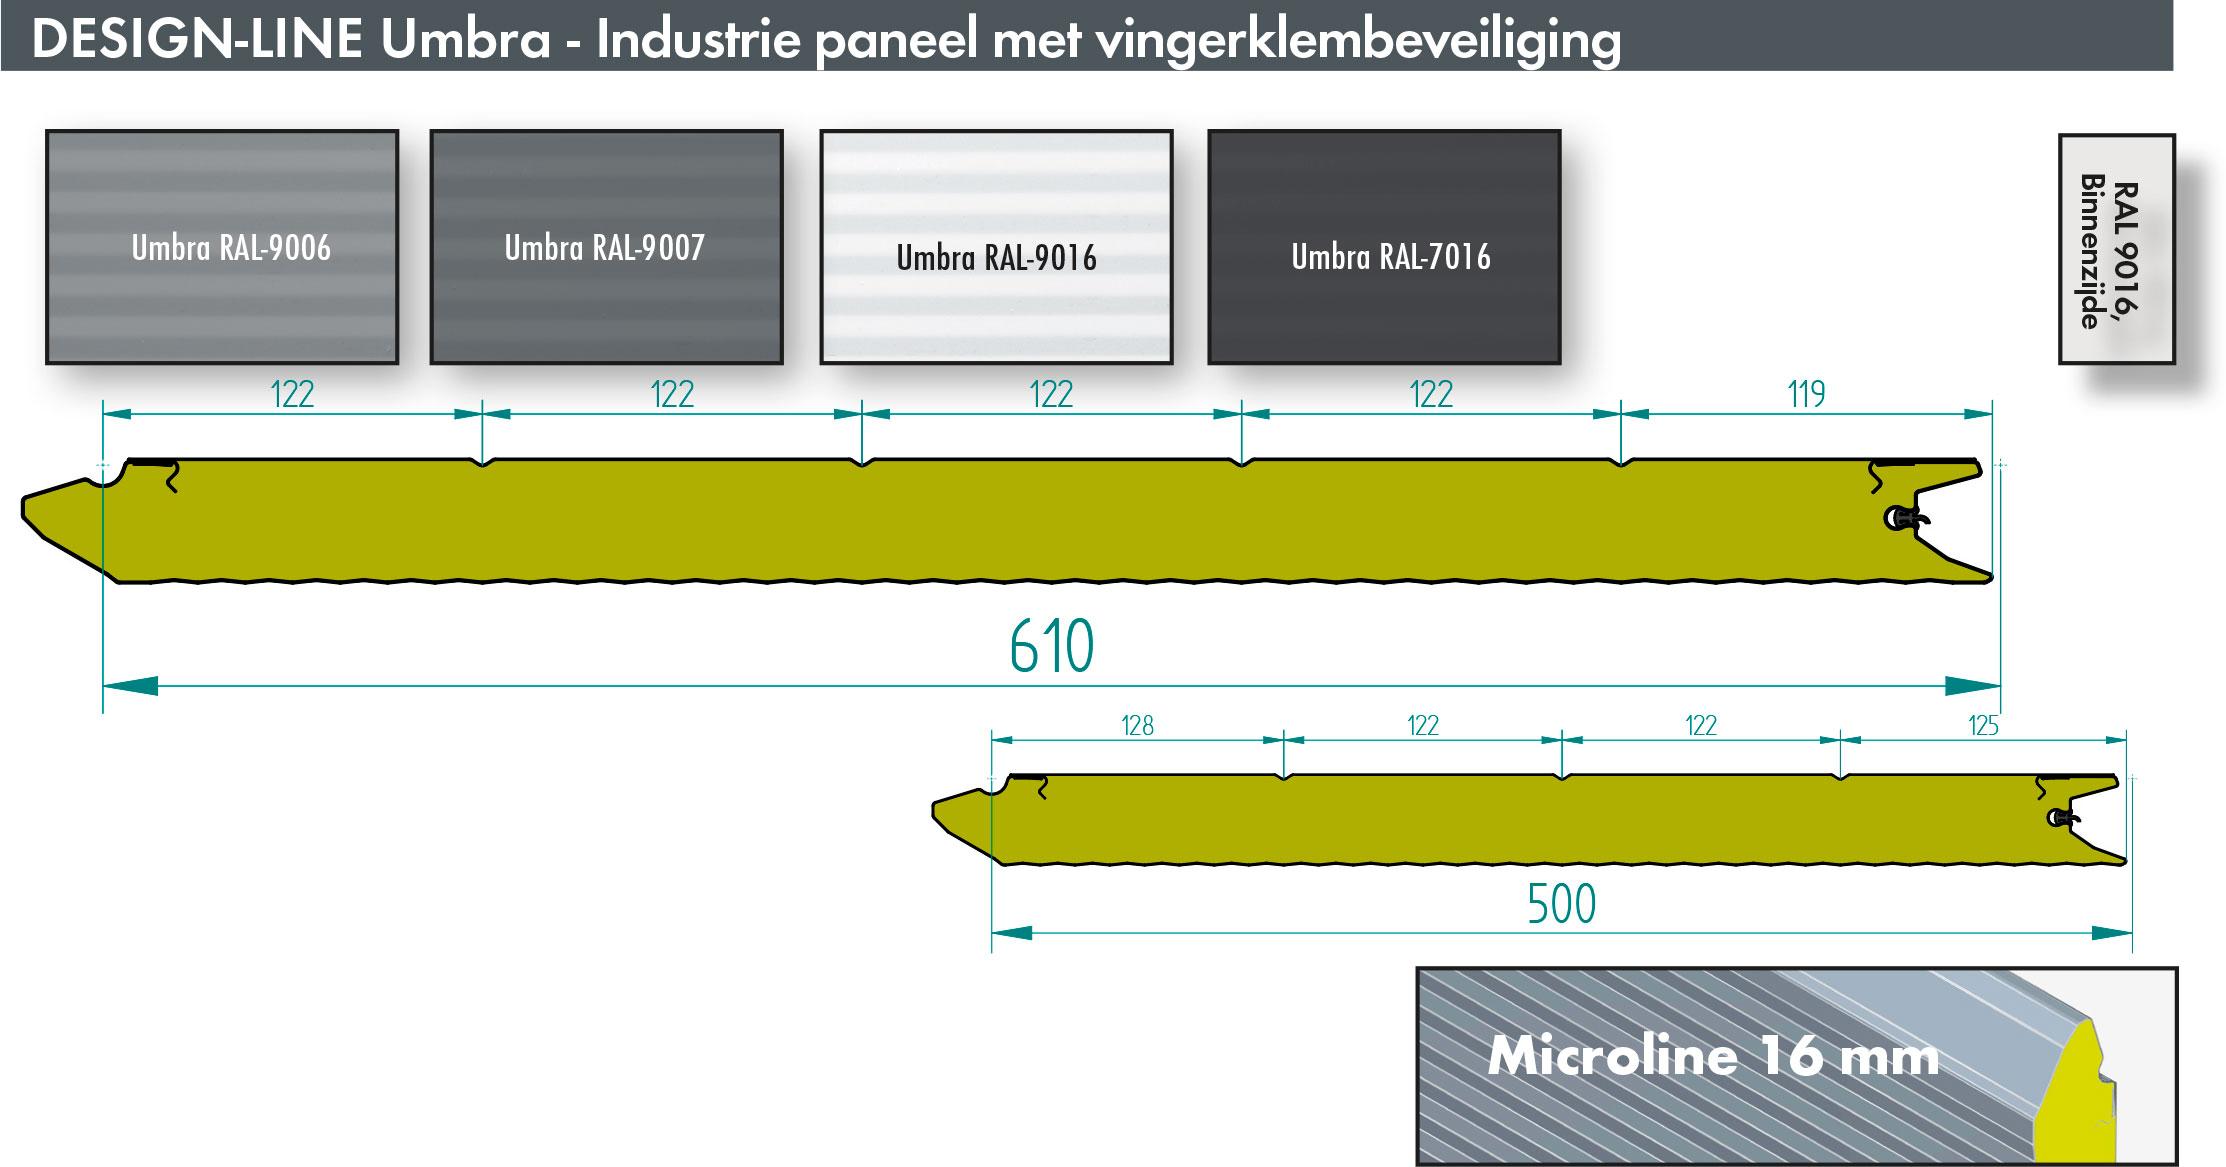 Bedrijfsdeur panelen in het industriële UMBRA design | Louwers Deurtechnieken